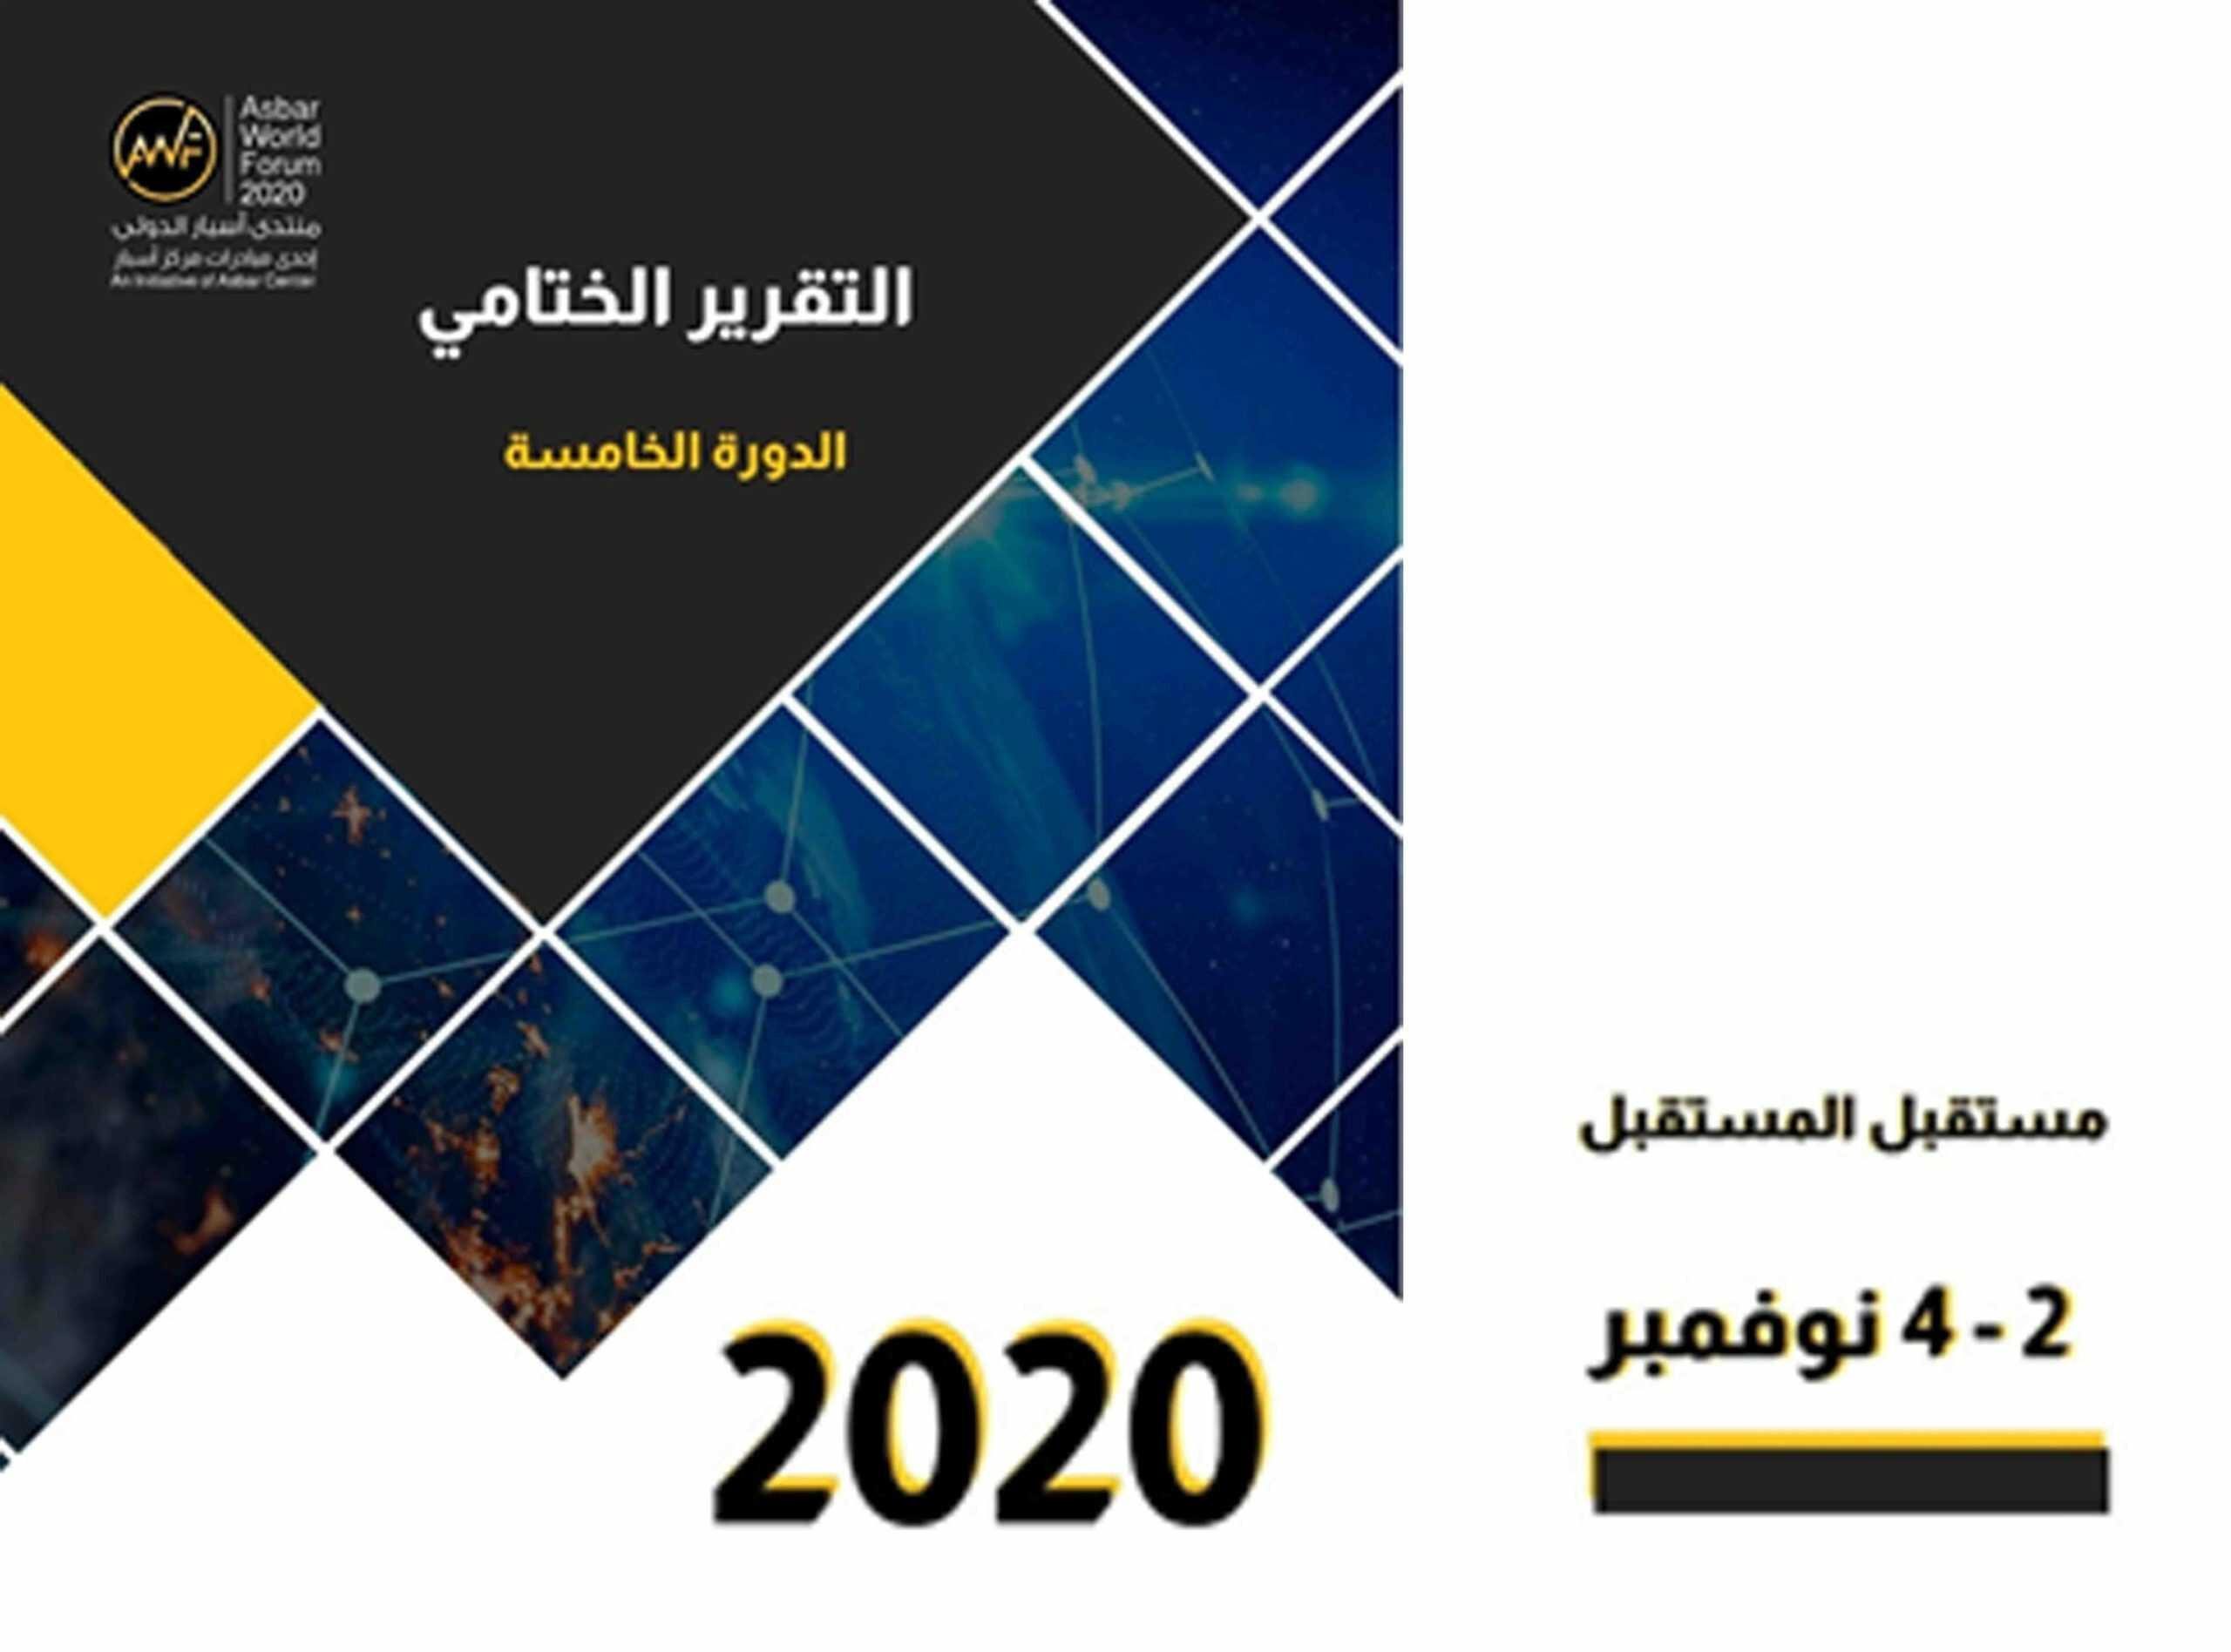 """منتدى أسبار الدولي يصدر التقرير الختامي لدورته الخامسة """"مستقبل المستقبل"""""""